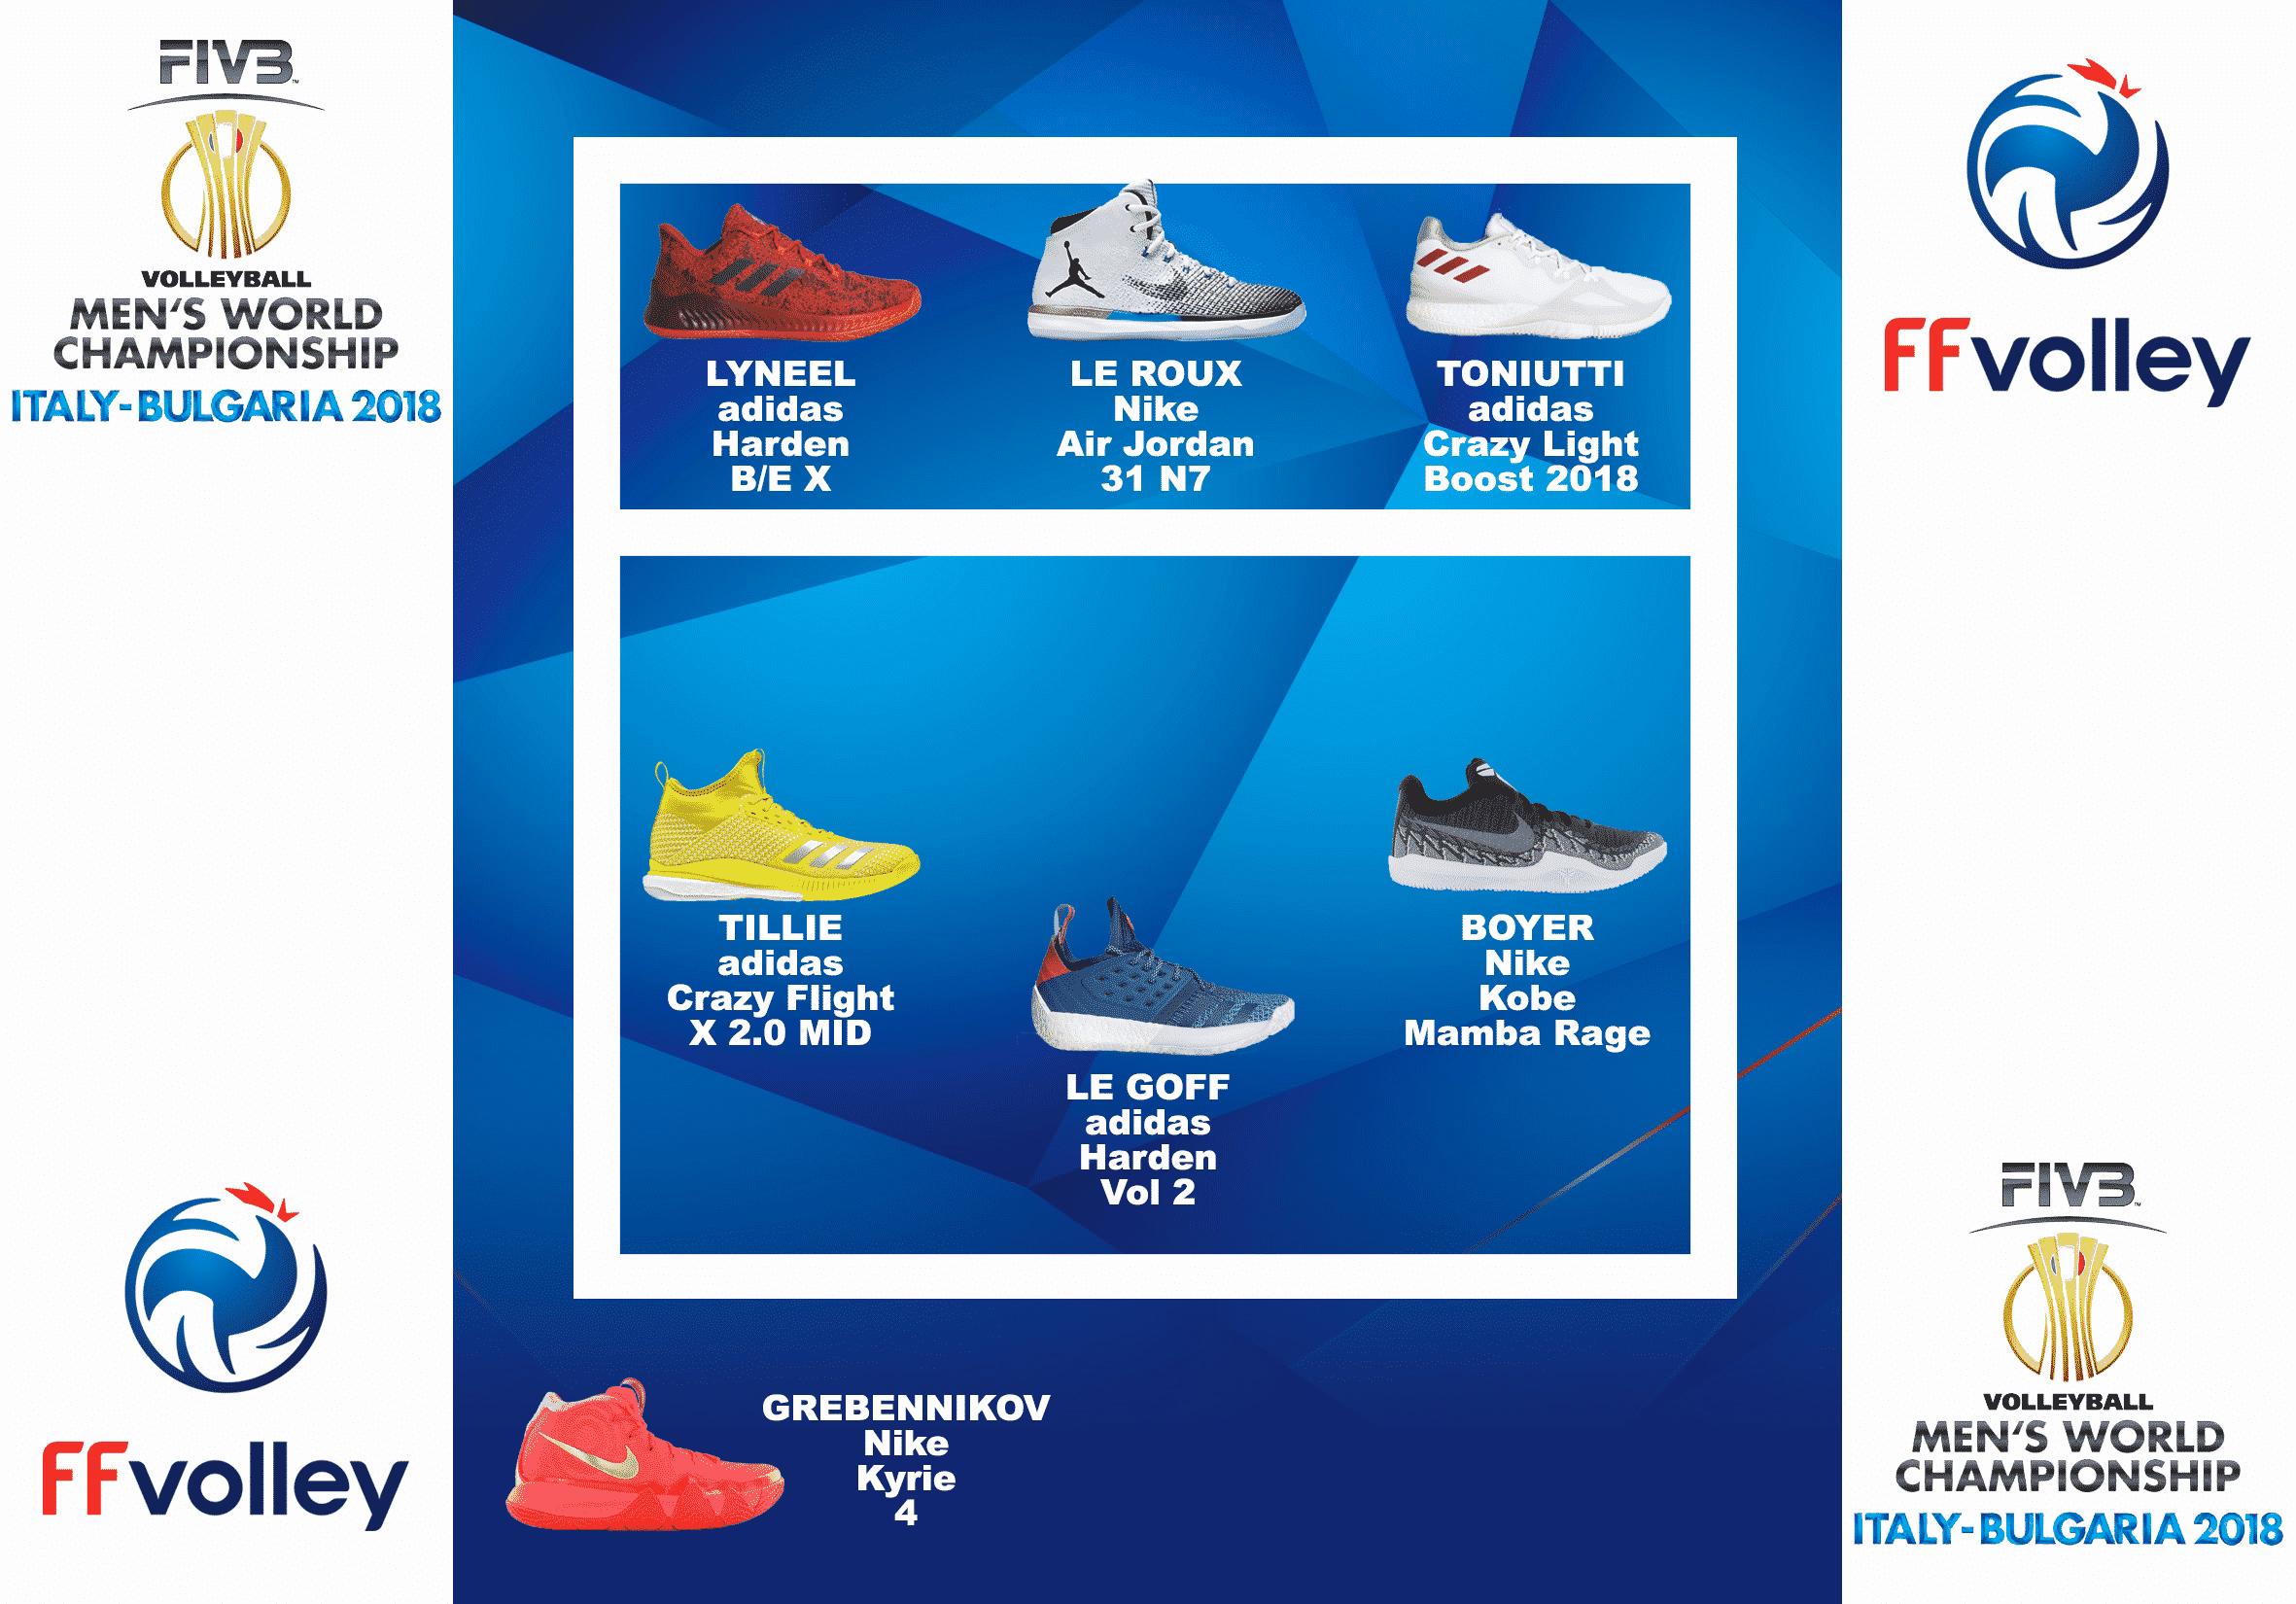 compo-chaussures-équipe-de-france-volley-championnat-du-monde-2018-team-yavbou